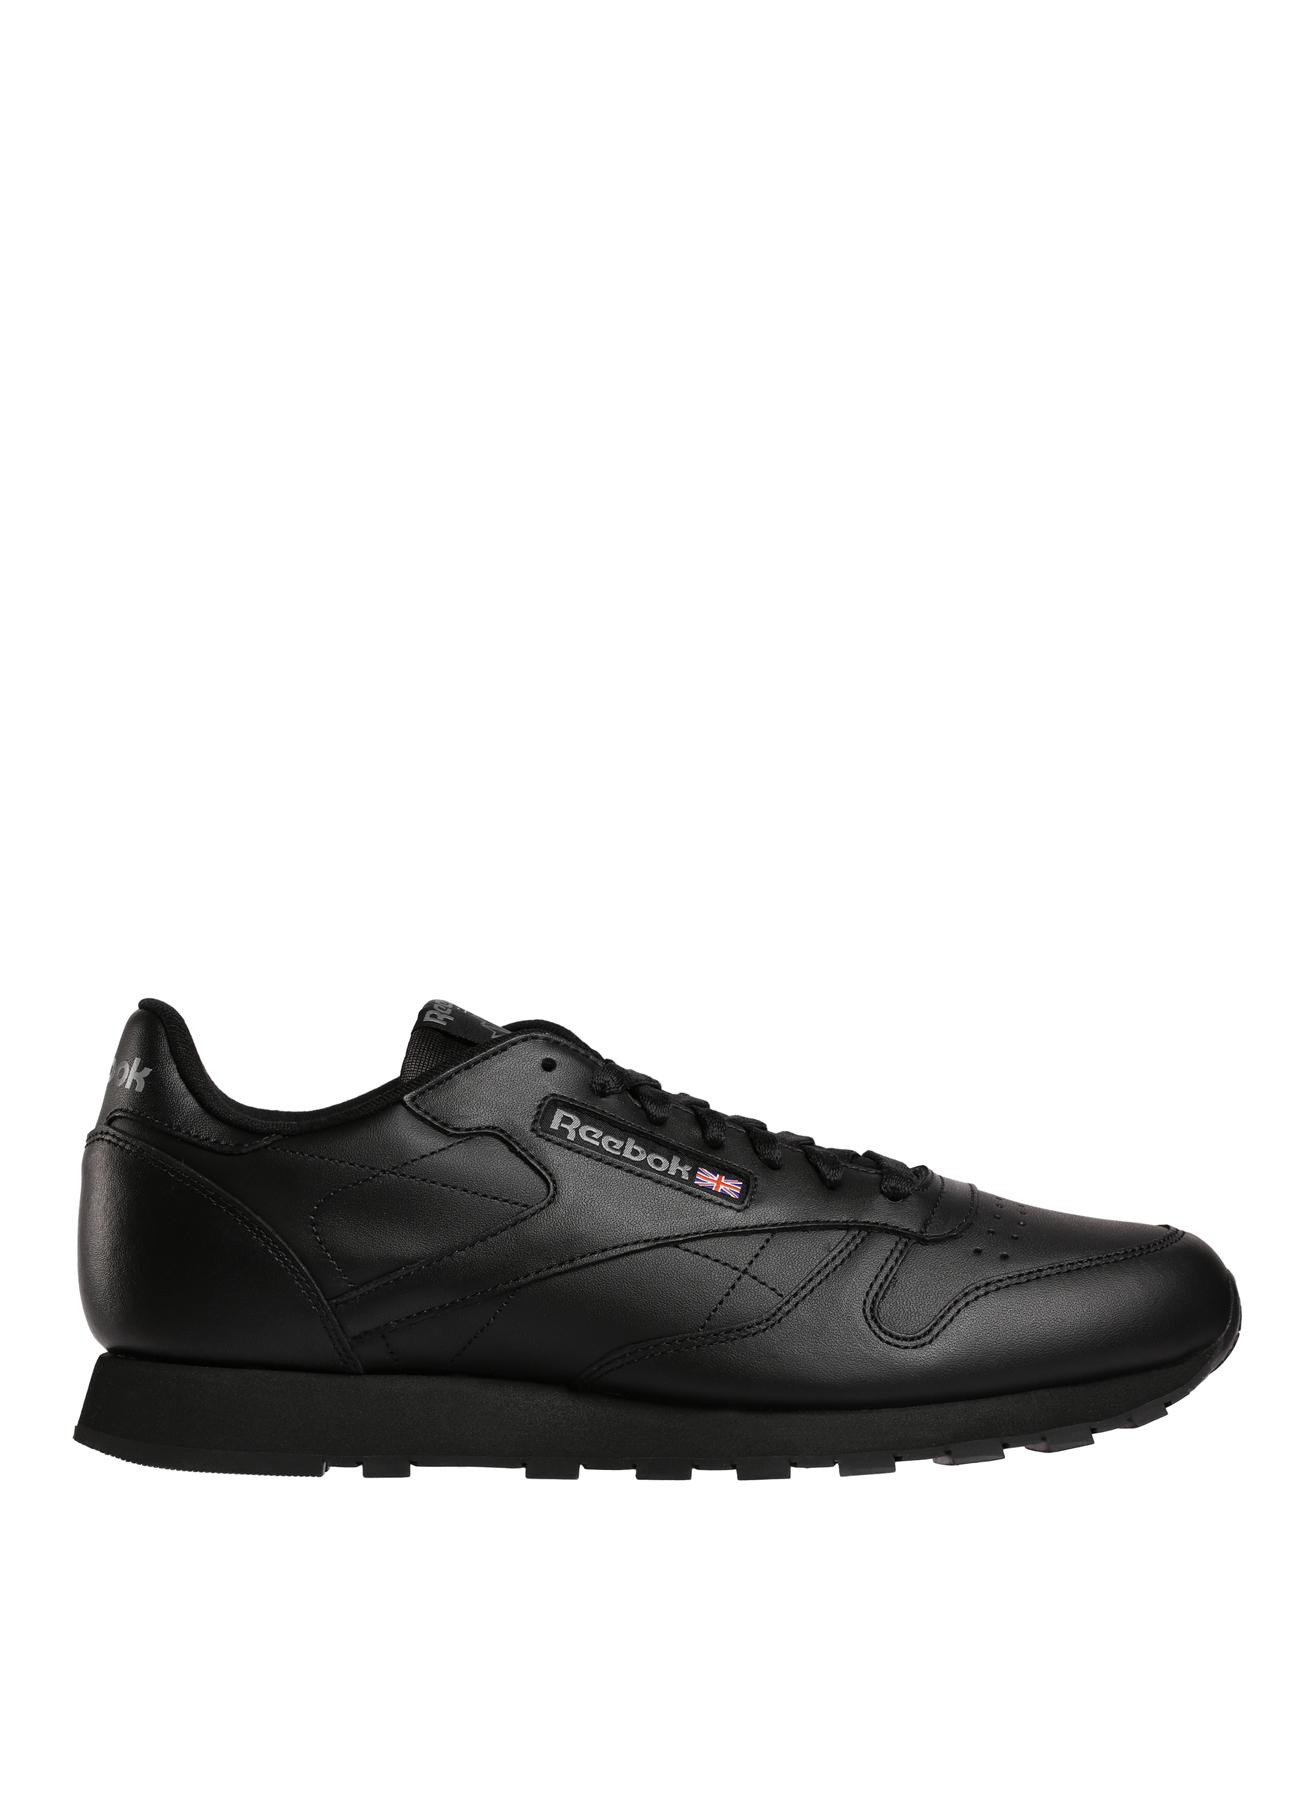 Reebok Classic Leather Lıfestyle Ayakkabı 42 5000165204004 Ürün Resmi